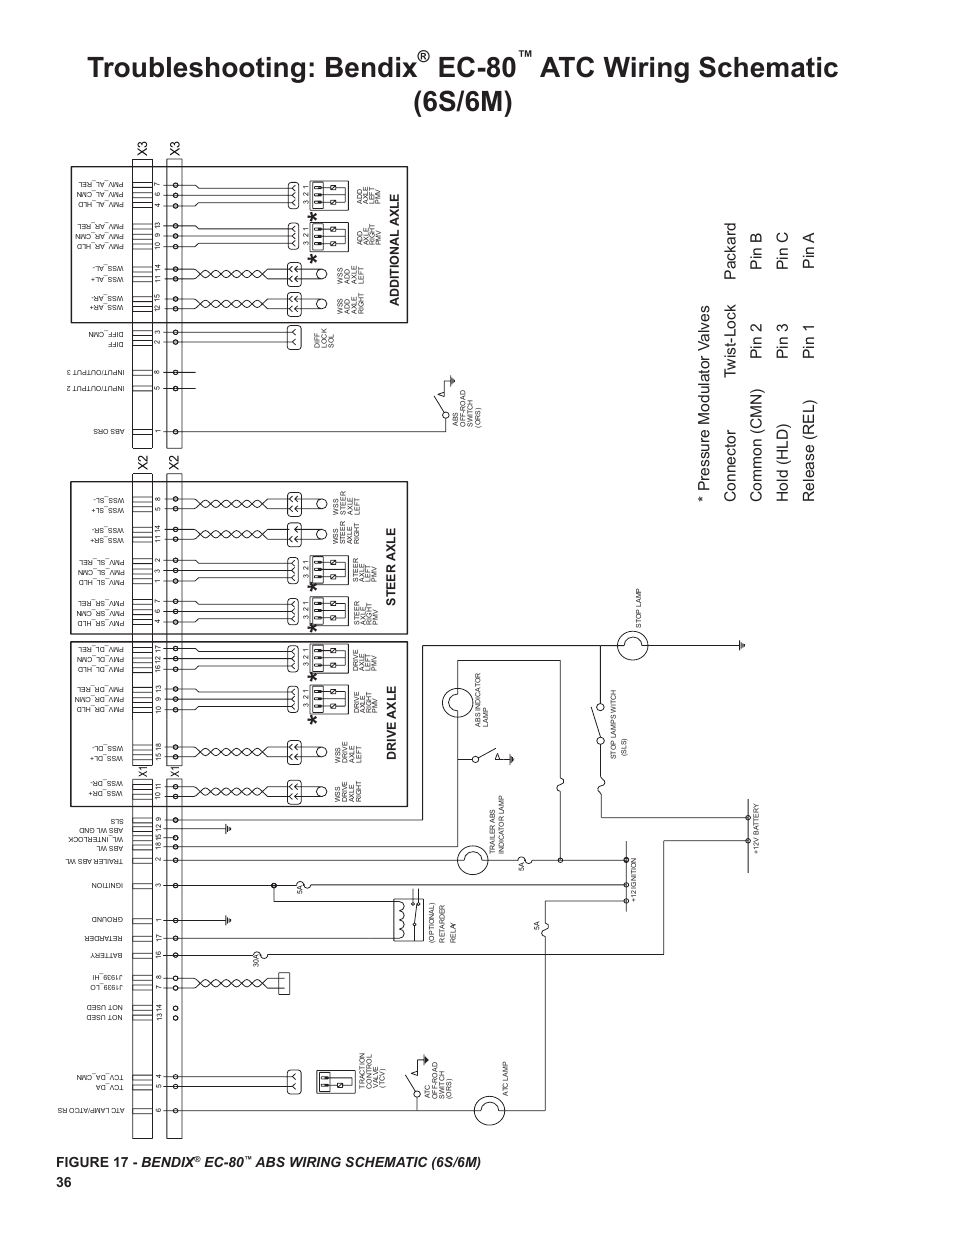 Troubleshooting Bendix Ec 80 Atc Wiring Schematic 6s